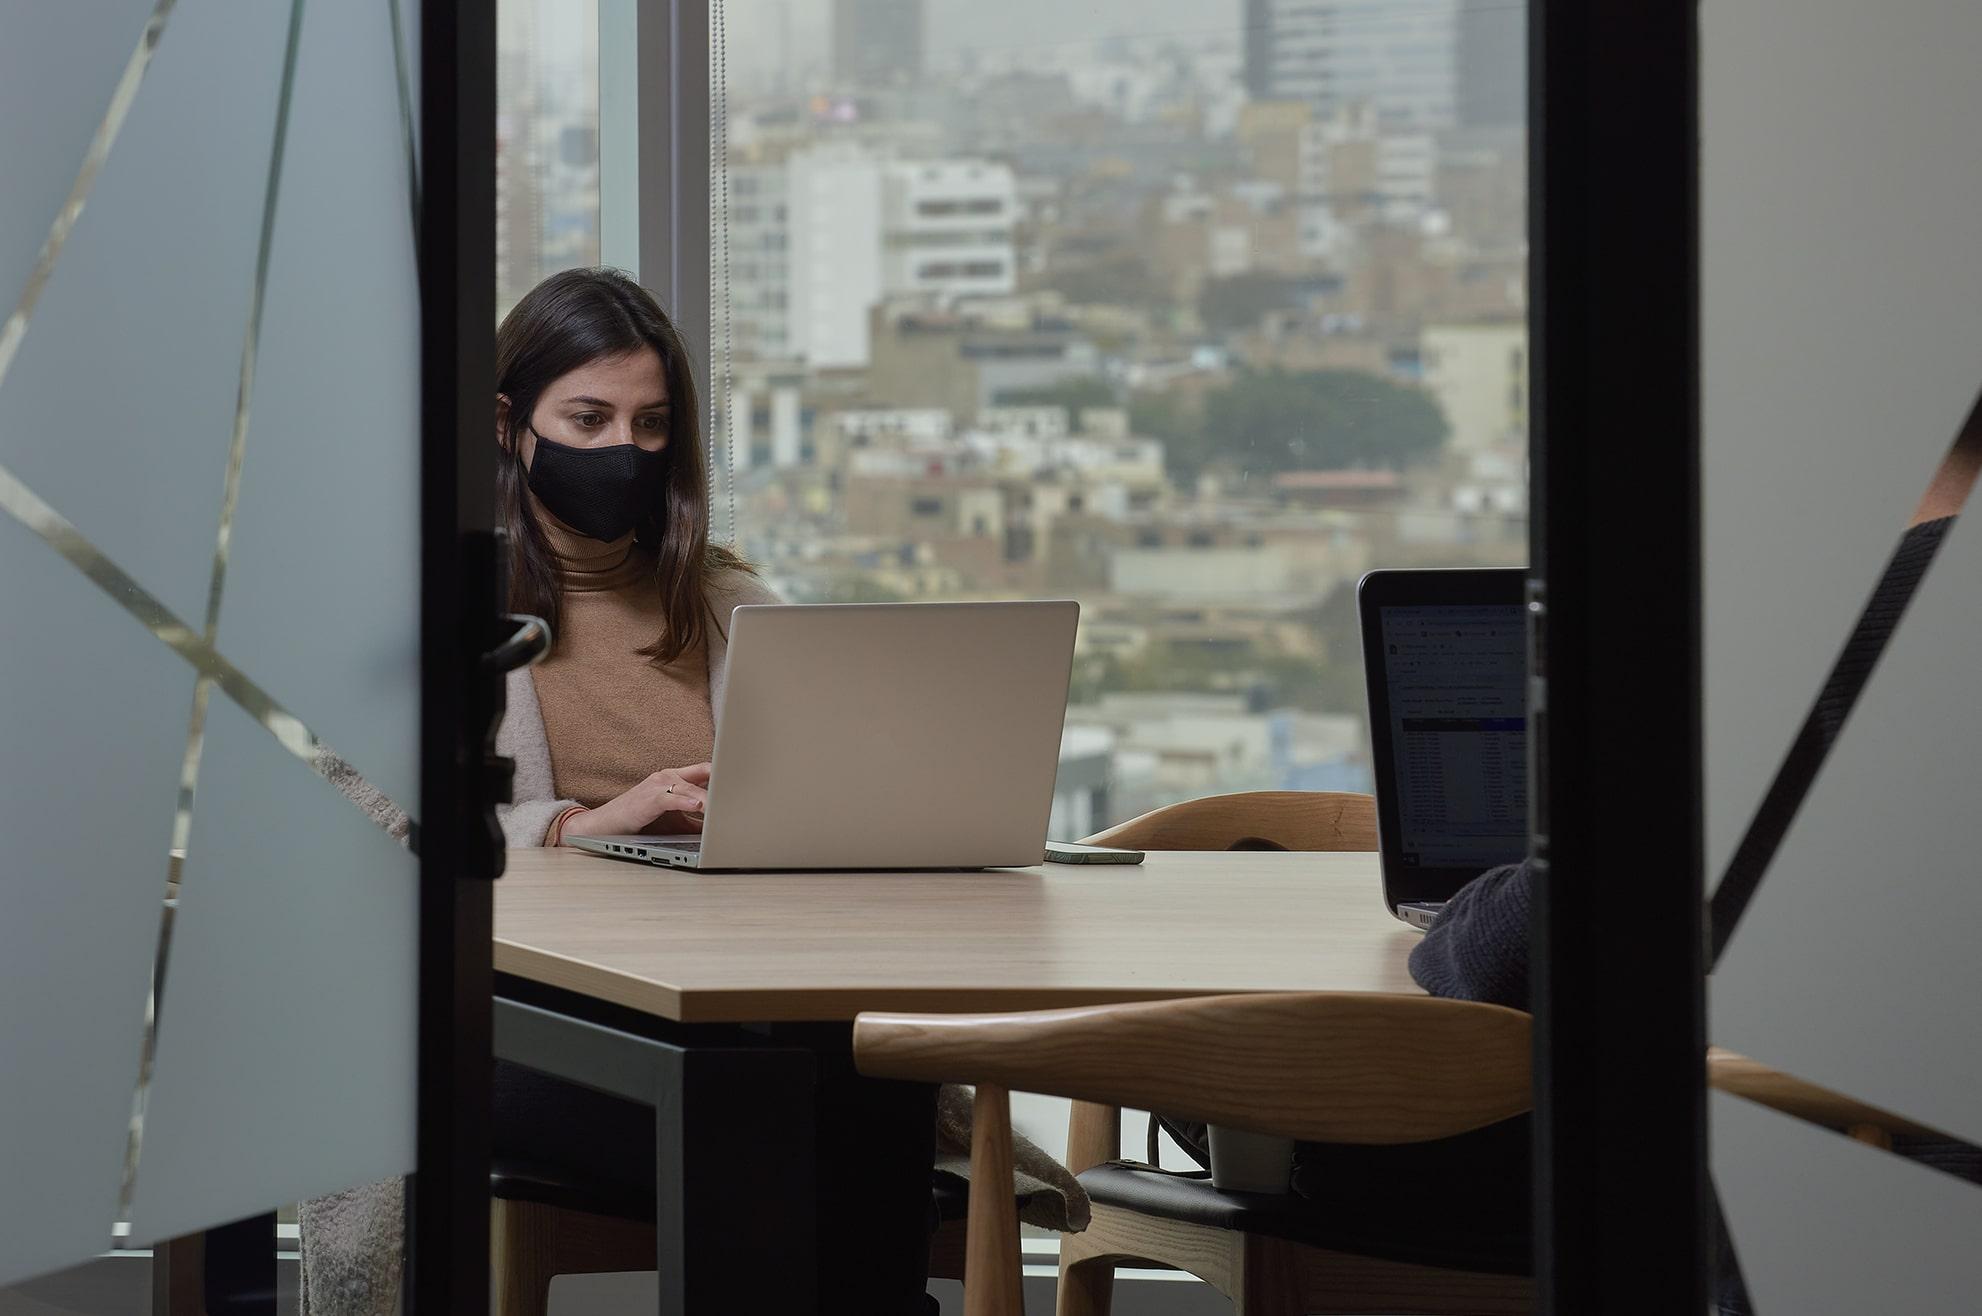 mujer trabajando en una oficina satelite usando mascarilla